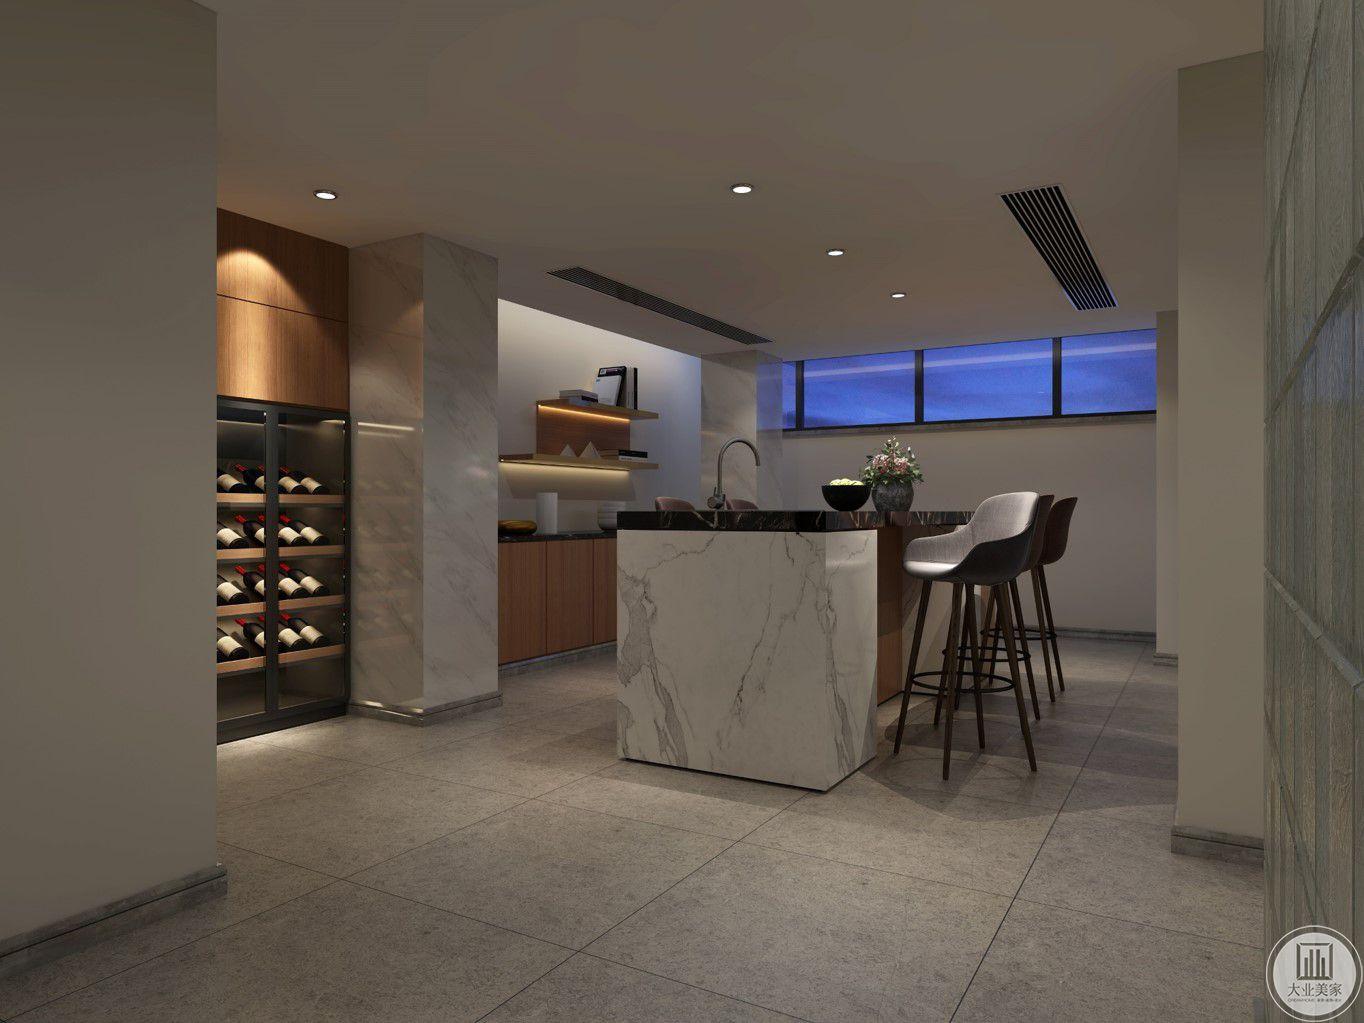 酒窖最理想的位置是地下室,由于白炽灯会产生热能,荧光灯产生大量不可见紫外线,紫外线严重破坏葡萄酒酒体结构,所以选取最好的冷光源照明系统。